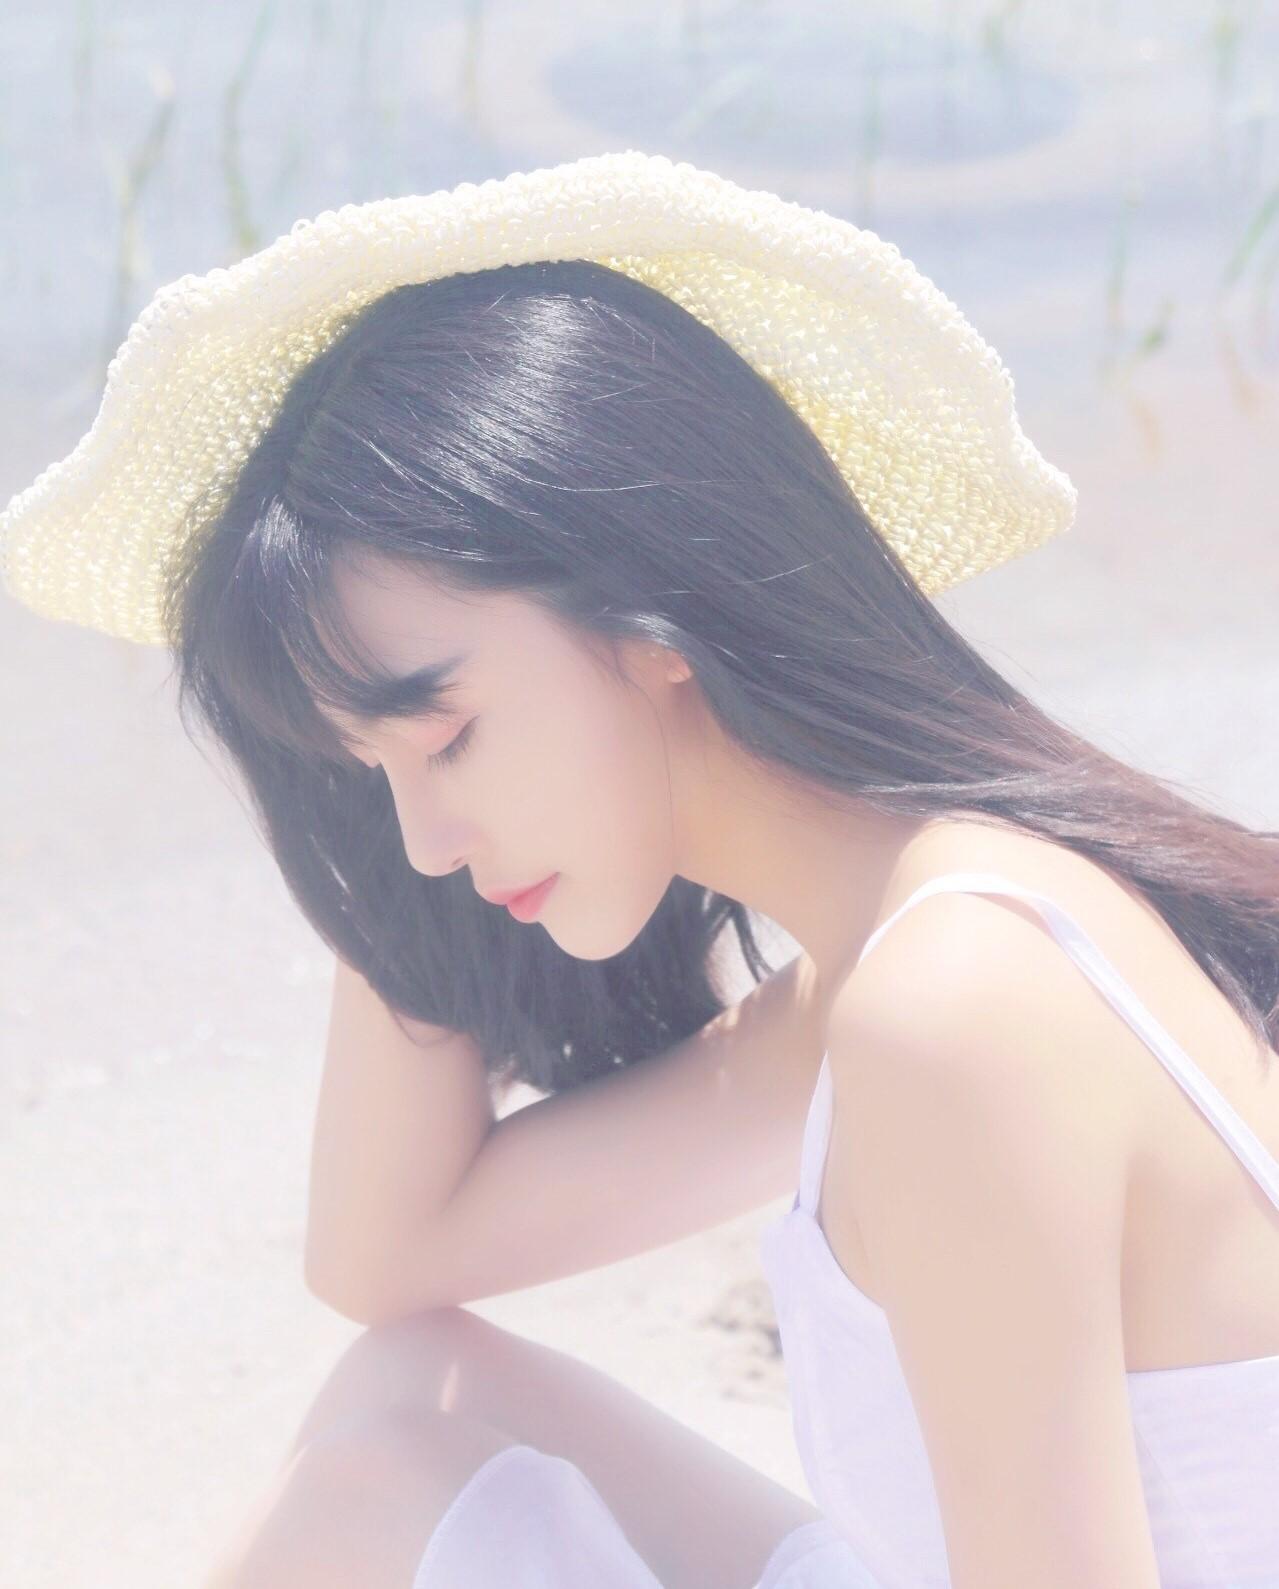 Chỉ nhờ một bức ảnh xuất thần, cô bạn Trung Quốc đã được mệnh danh nữ thần góc nghiêng - Ảnh 9.